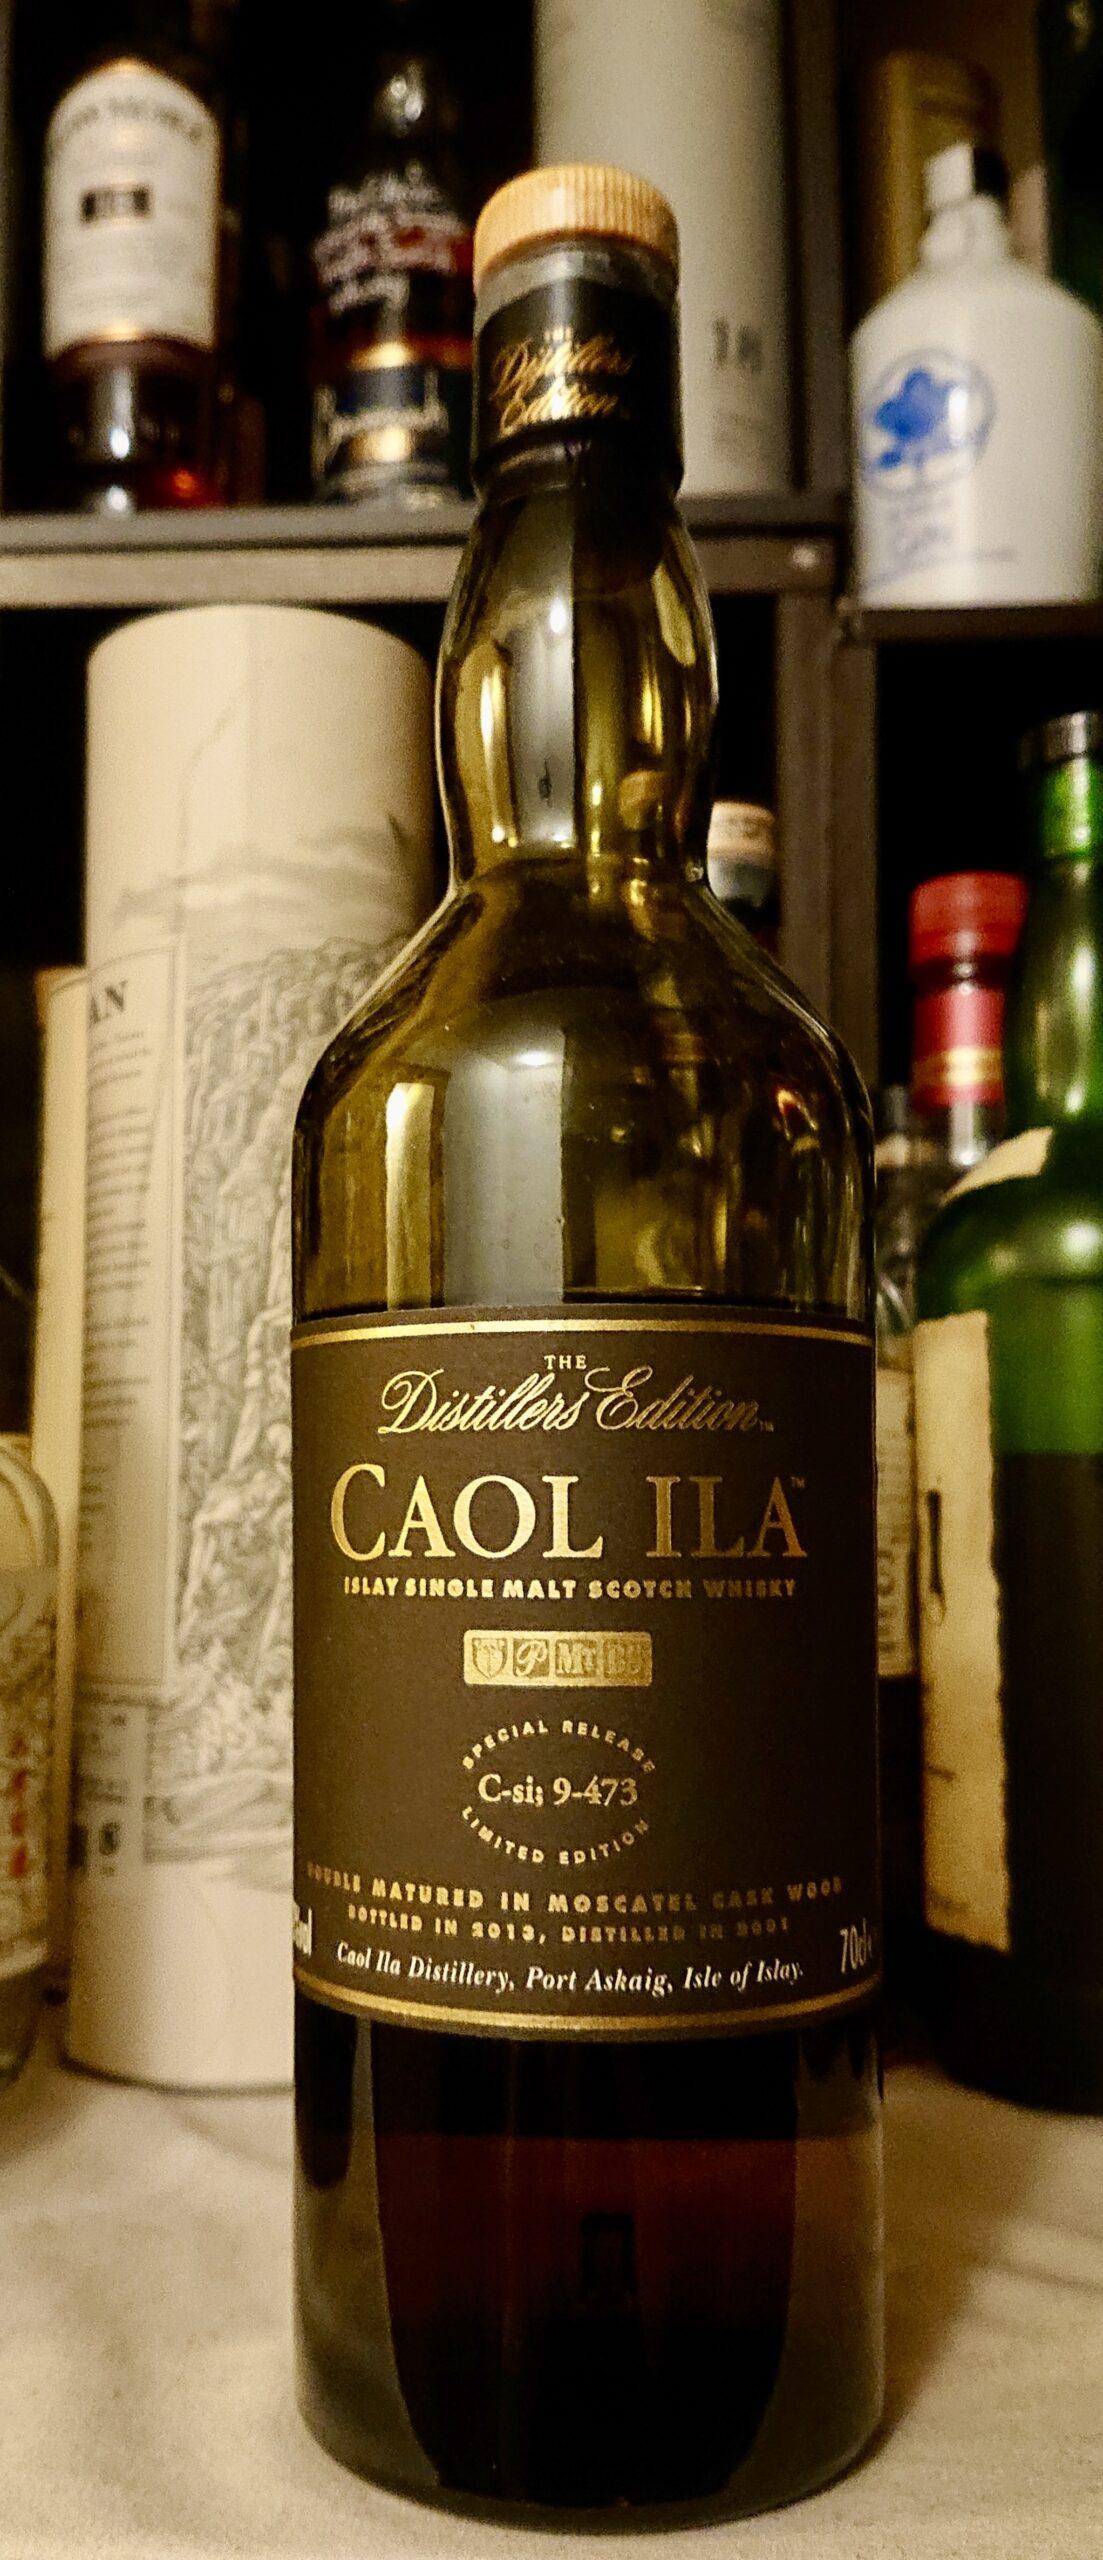 カリラ・ディスティラリーエディション2001−2013のテイスティング&レヴュー・モスカテルシェリー樽にて後熟。蜂蜜とラムレーズンの甘味豊かな、贅沢感あるカリラ!